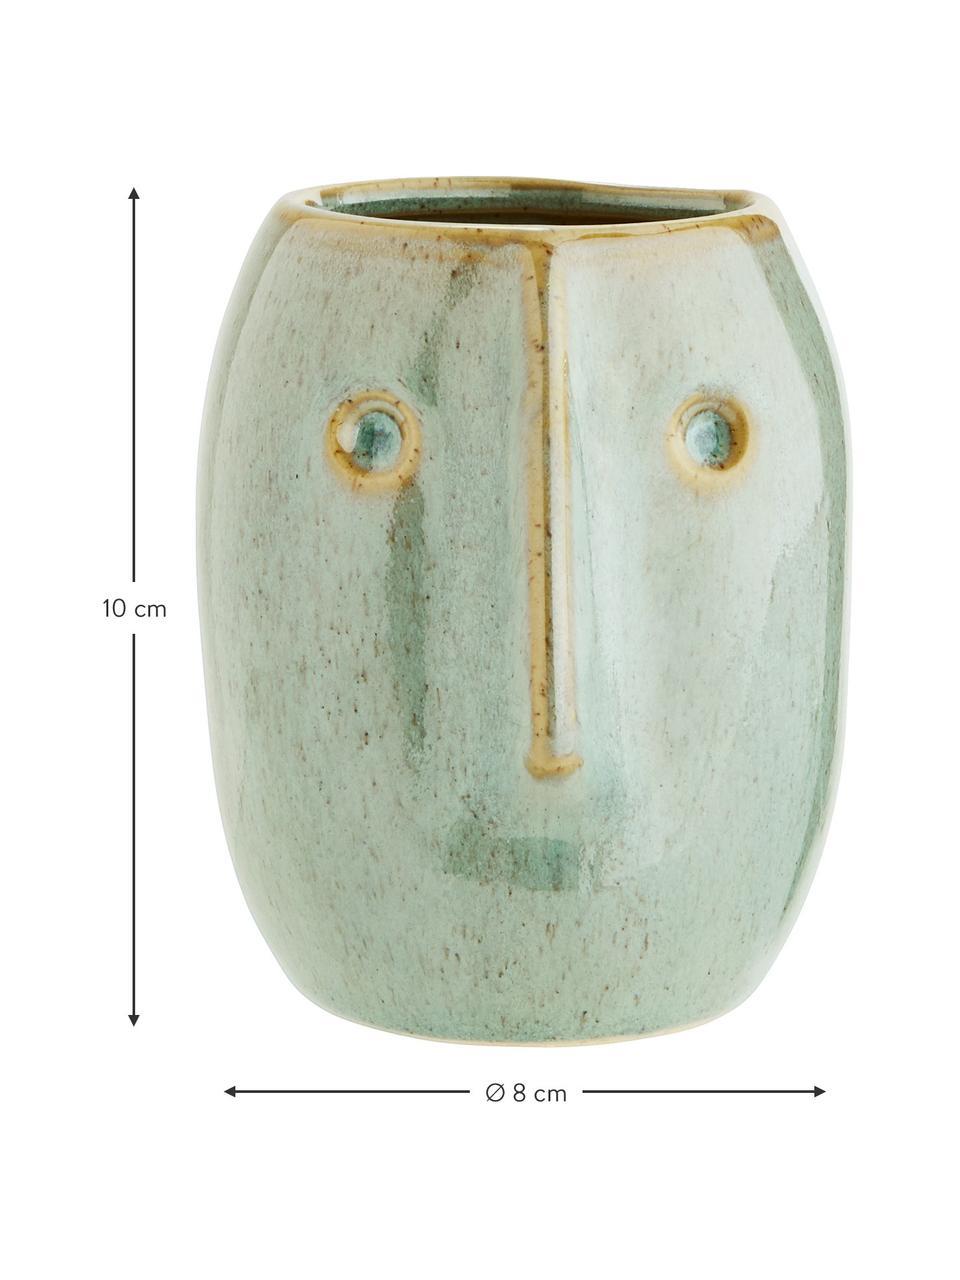 Osłonka na doniczkę XS z kamionki Face, Kamionka, Jasny zielony, beżowy, Ø 8 x W 10 cm